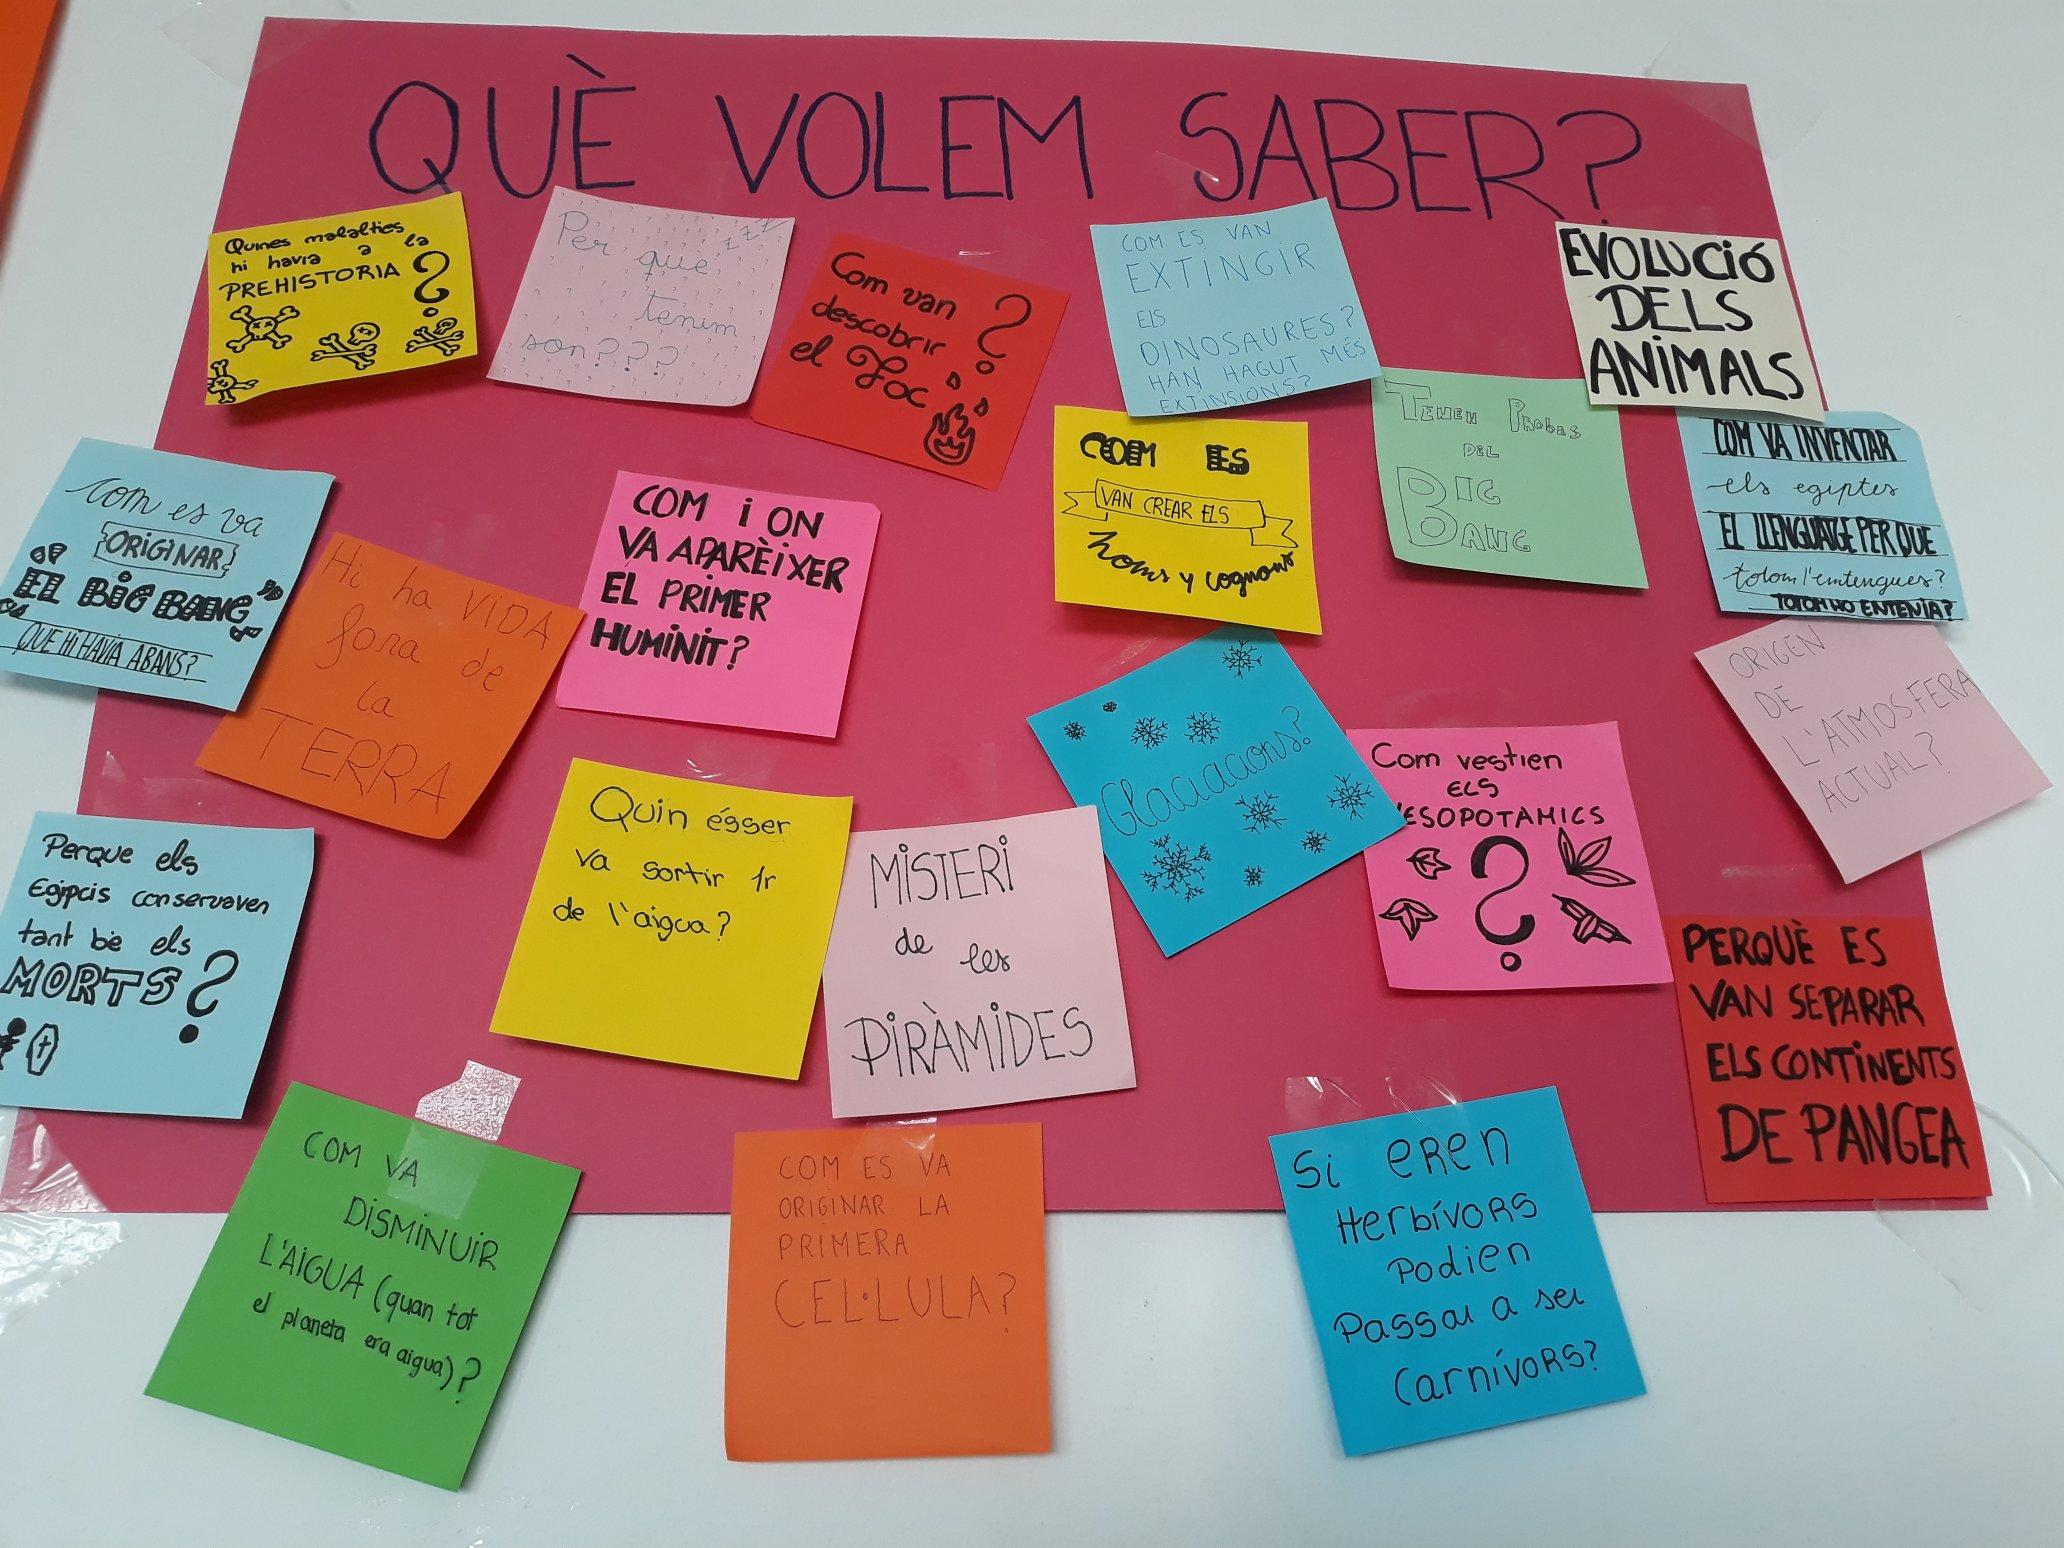 Mural realizado por estudiantes del colegio Virolai / Foto: Sandra Entrena